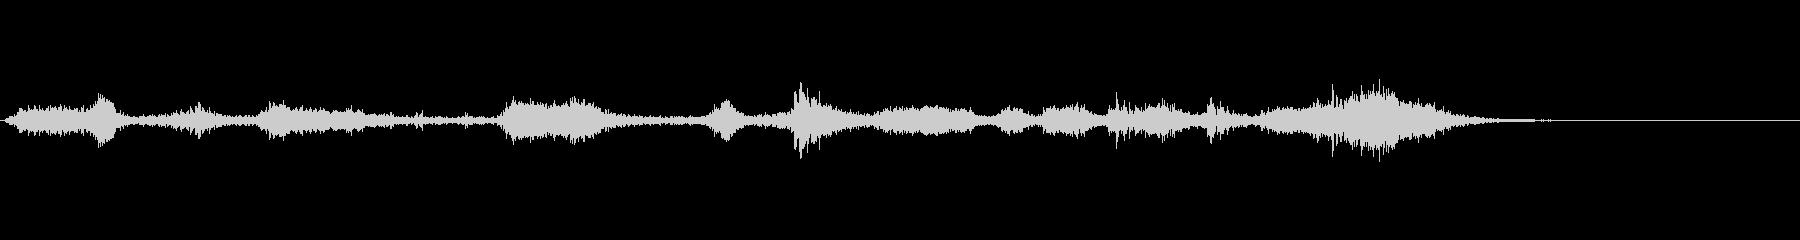 エイリアングロールの未再生の波形